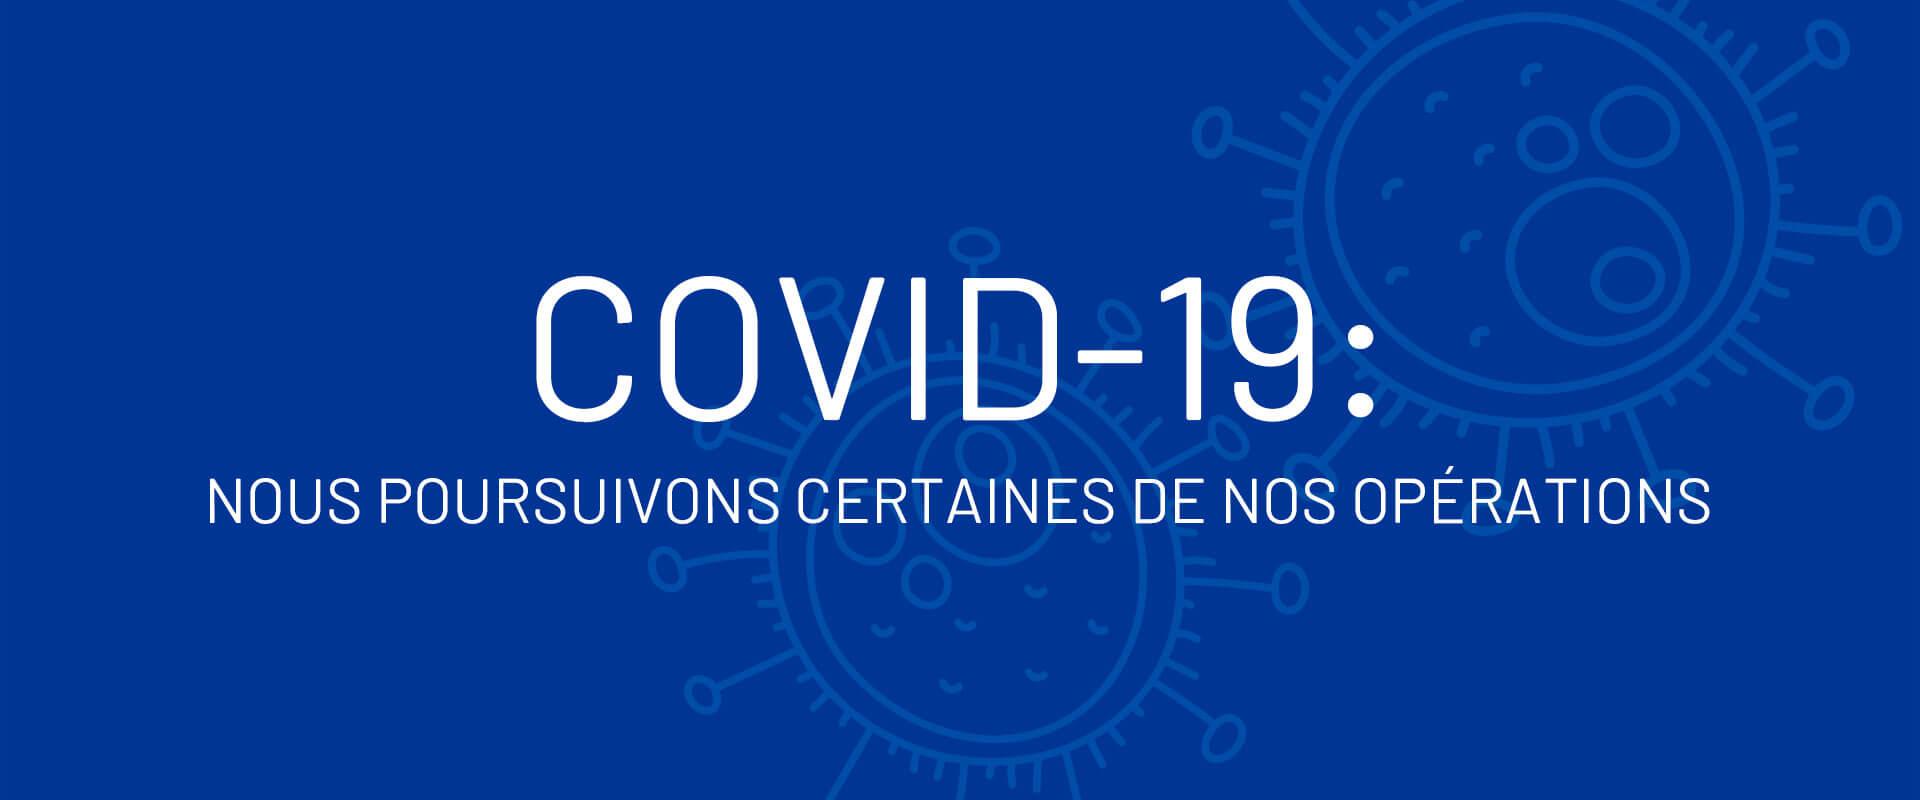 COVID-19 : Nous poursuivons certaines de nos opérations